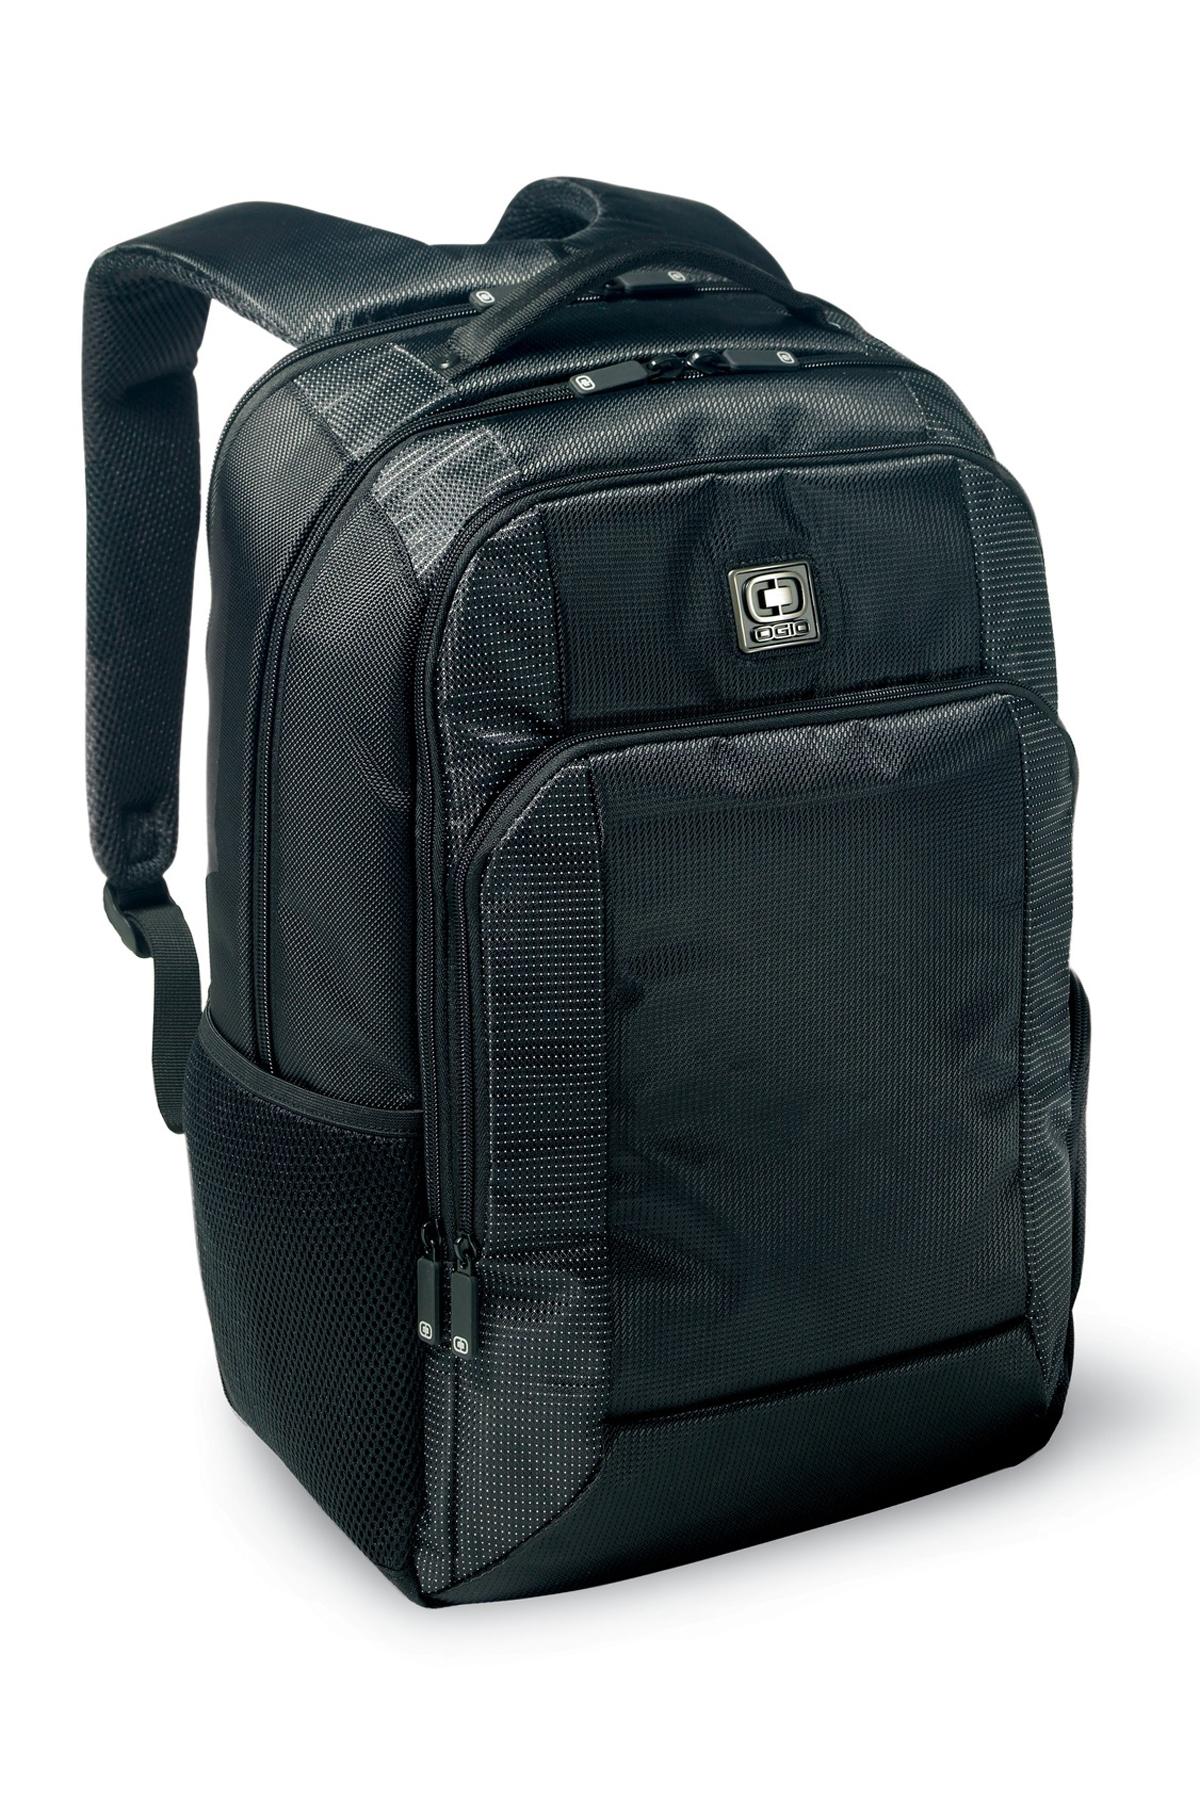 Bags-Backpacks-4